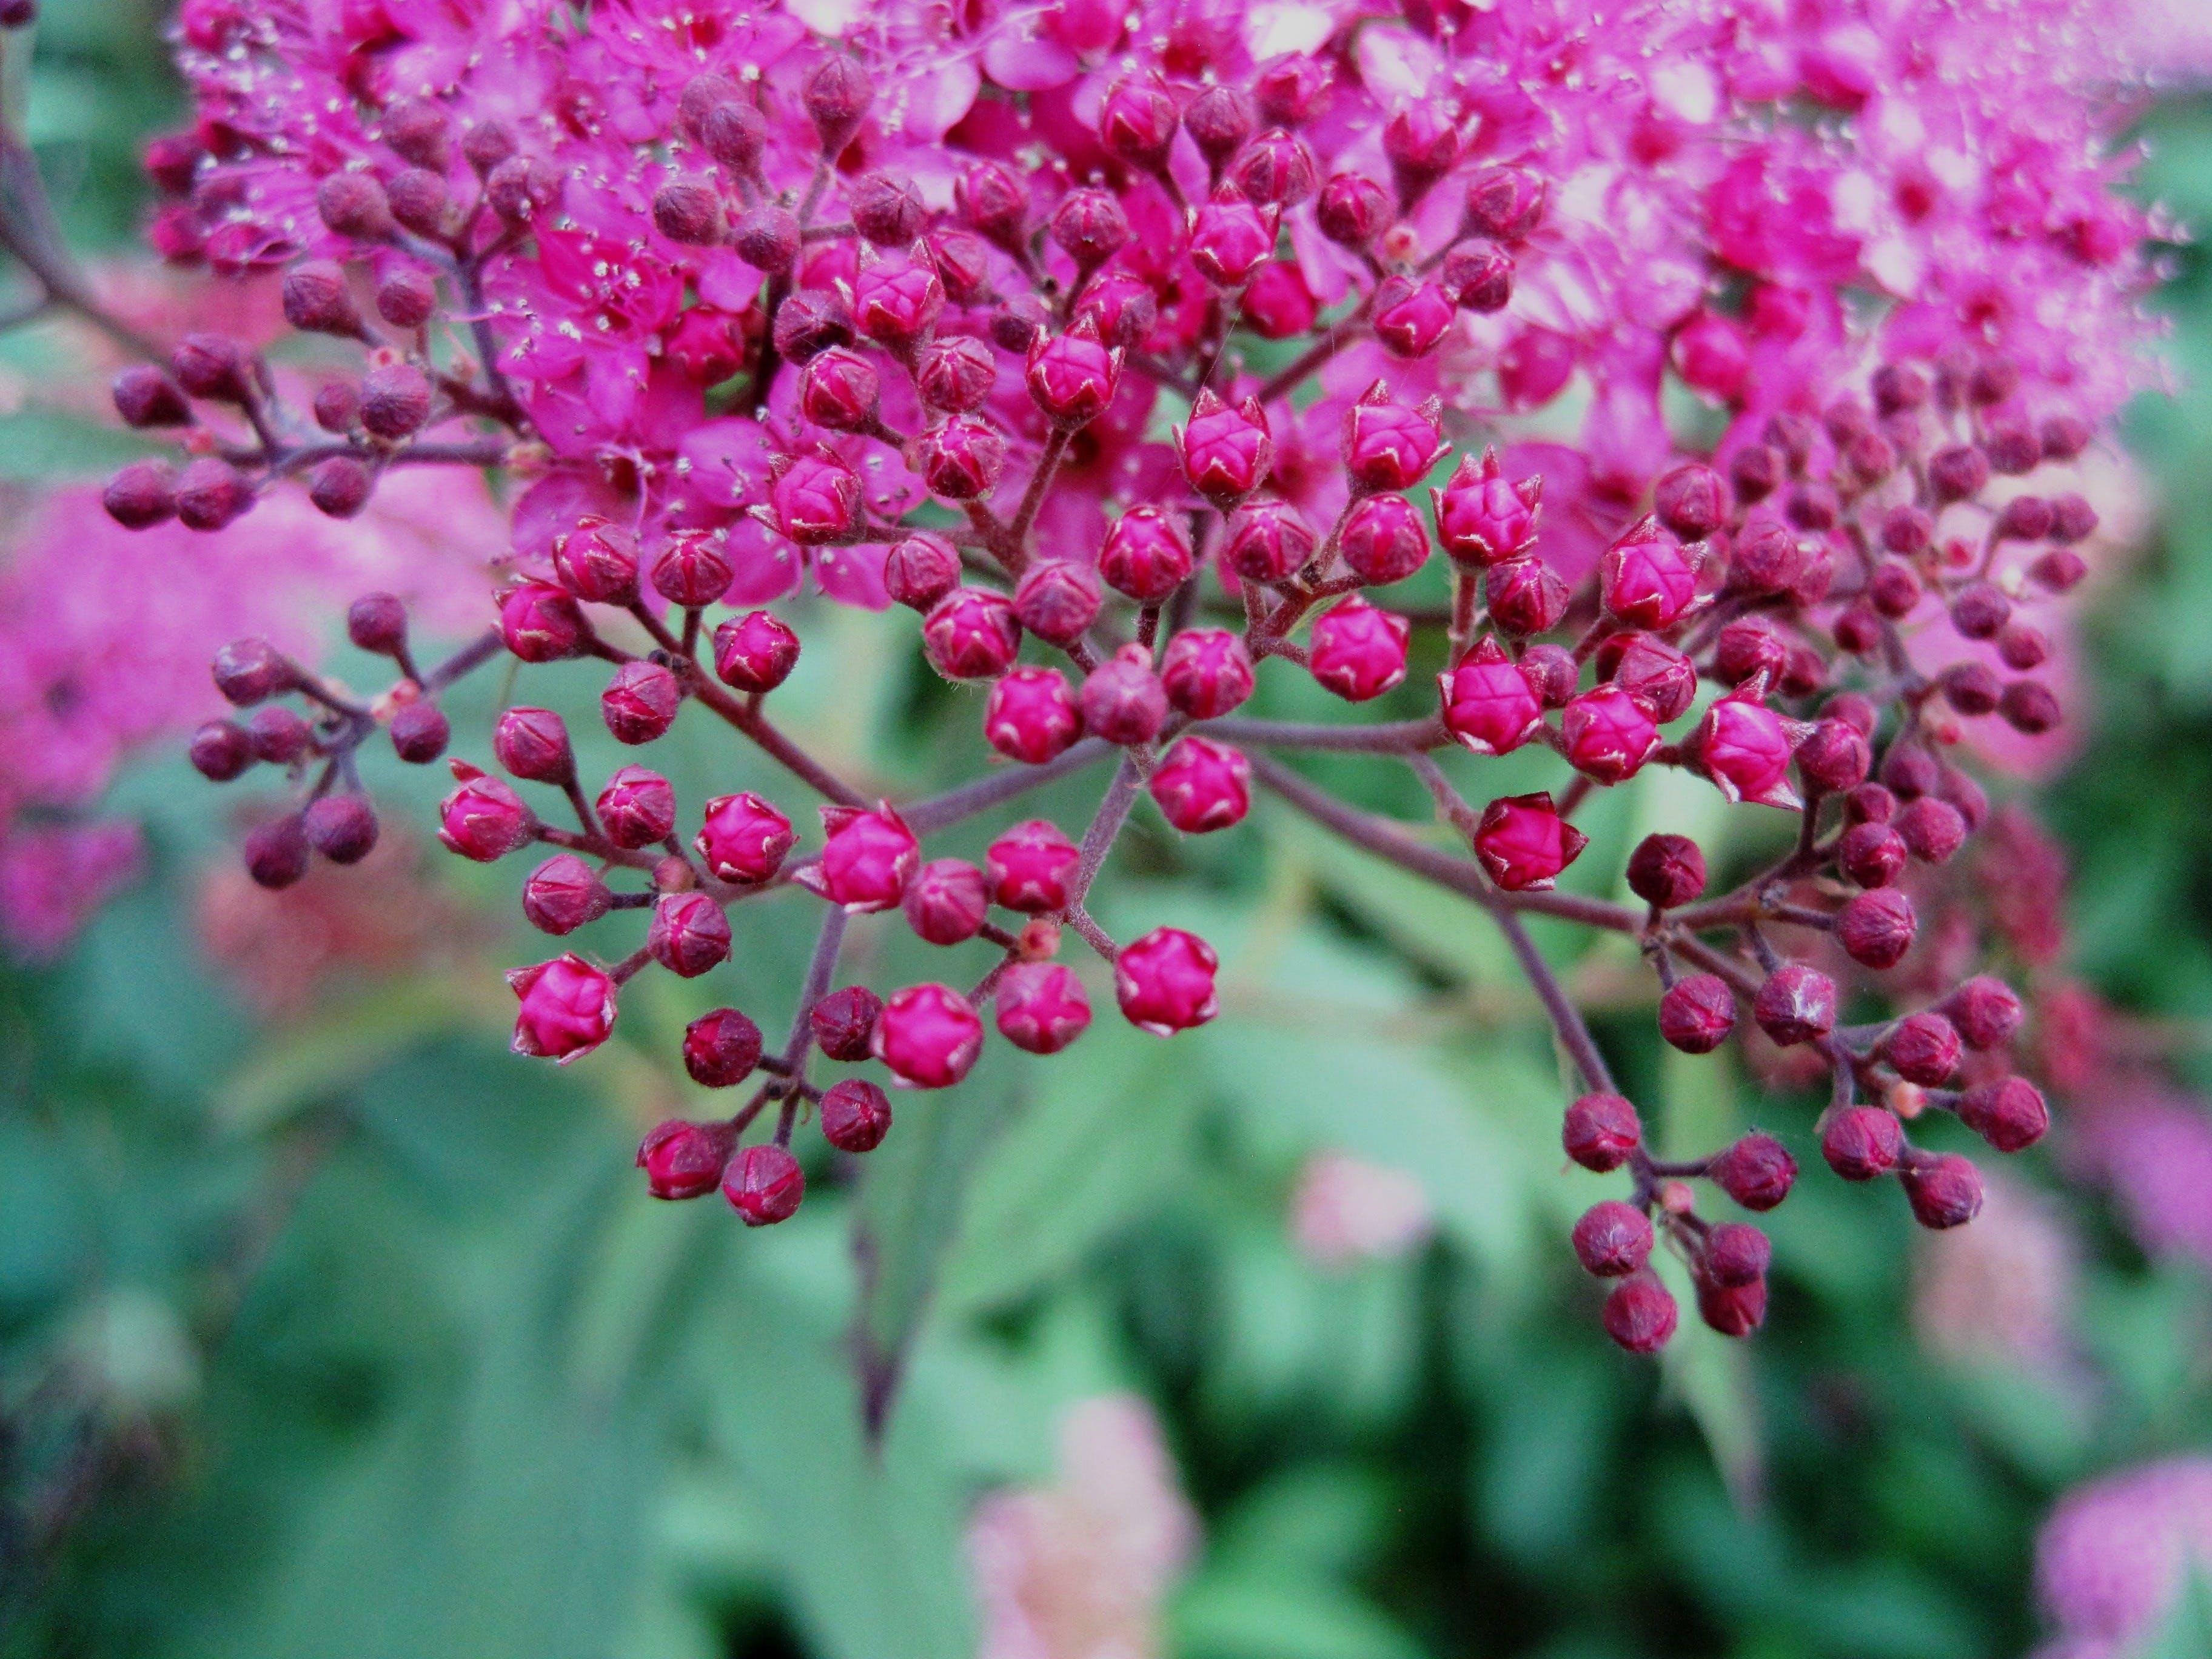 Ilmainen kuvapankkikuva tunnisteilla kasvi, kasvikunta, kukannuput, kukat